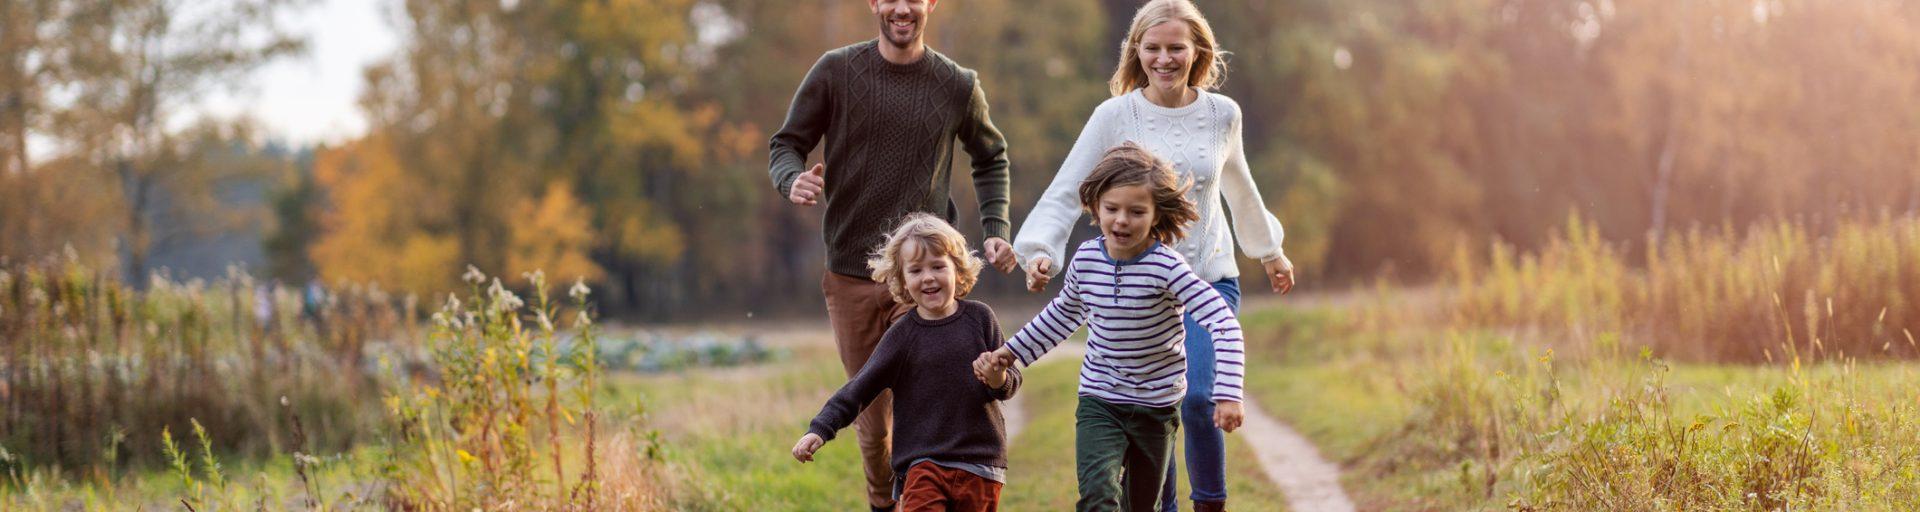 Passeggiata in famiglia nella natura dell'Hotel Pompei